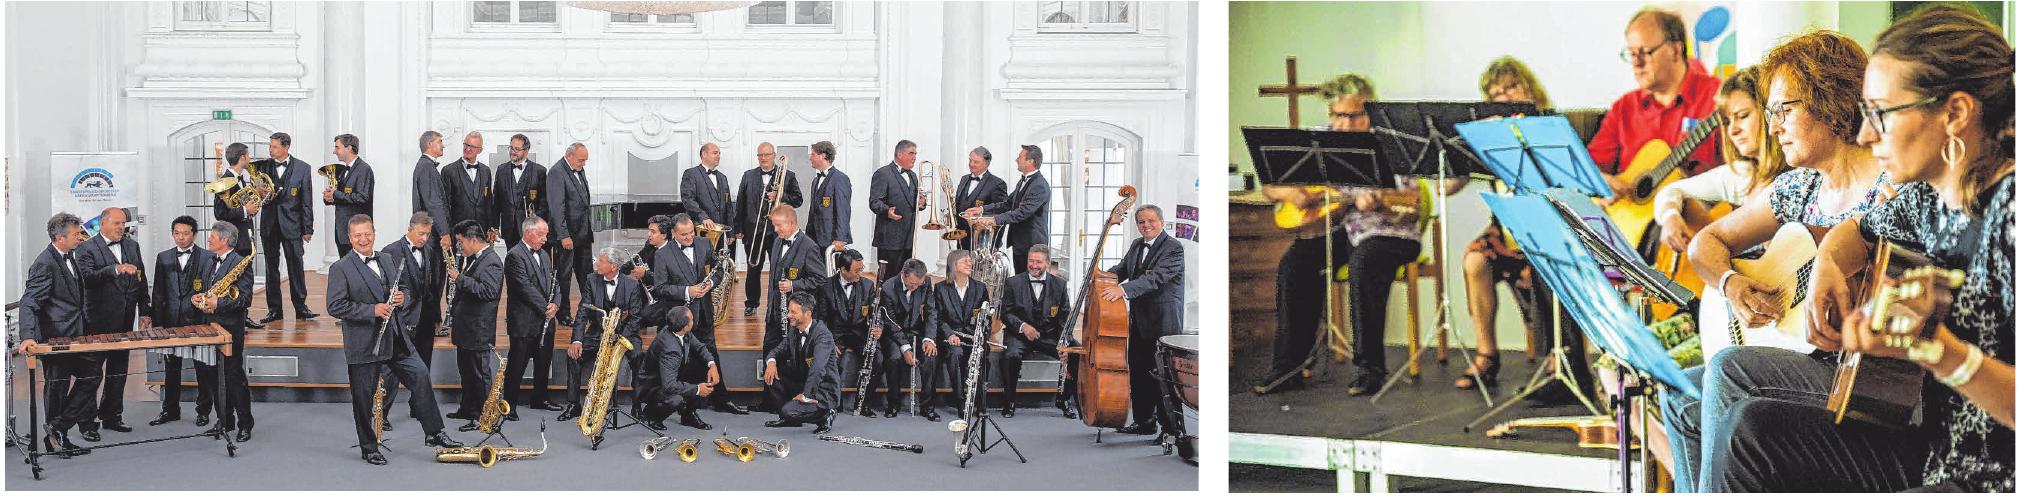 Das Landespolizeiorchester (links) wird am Samstag, 18. September, um 19 Uhr auf der Sparkassen-Bühne am Neresheimer Marienplatz auftreten.